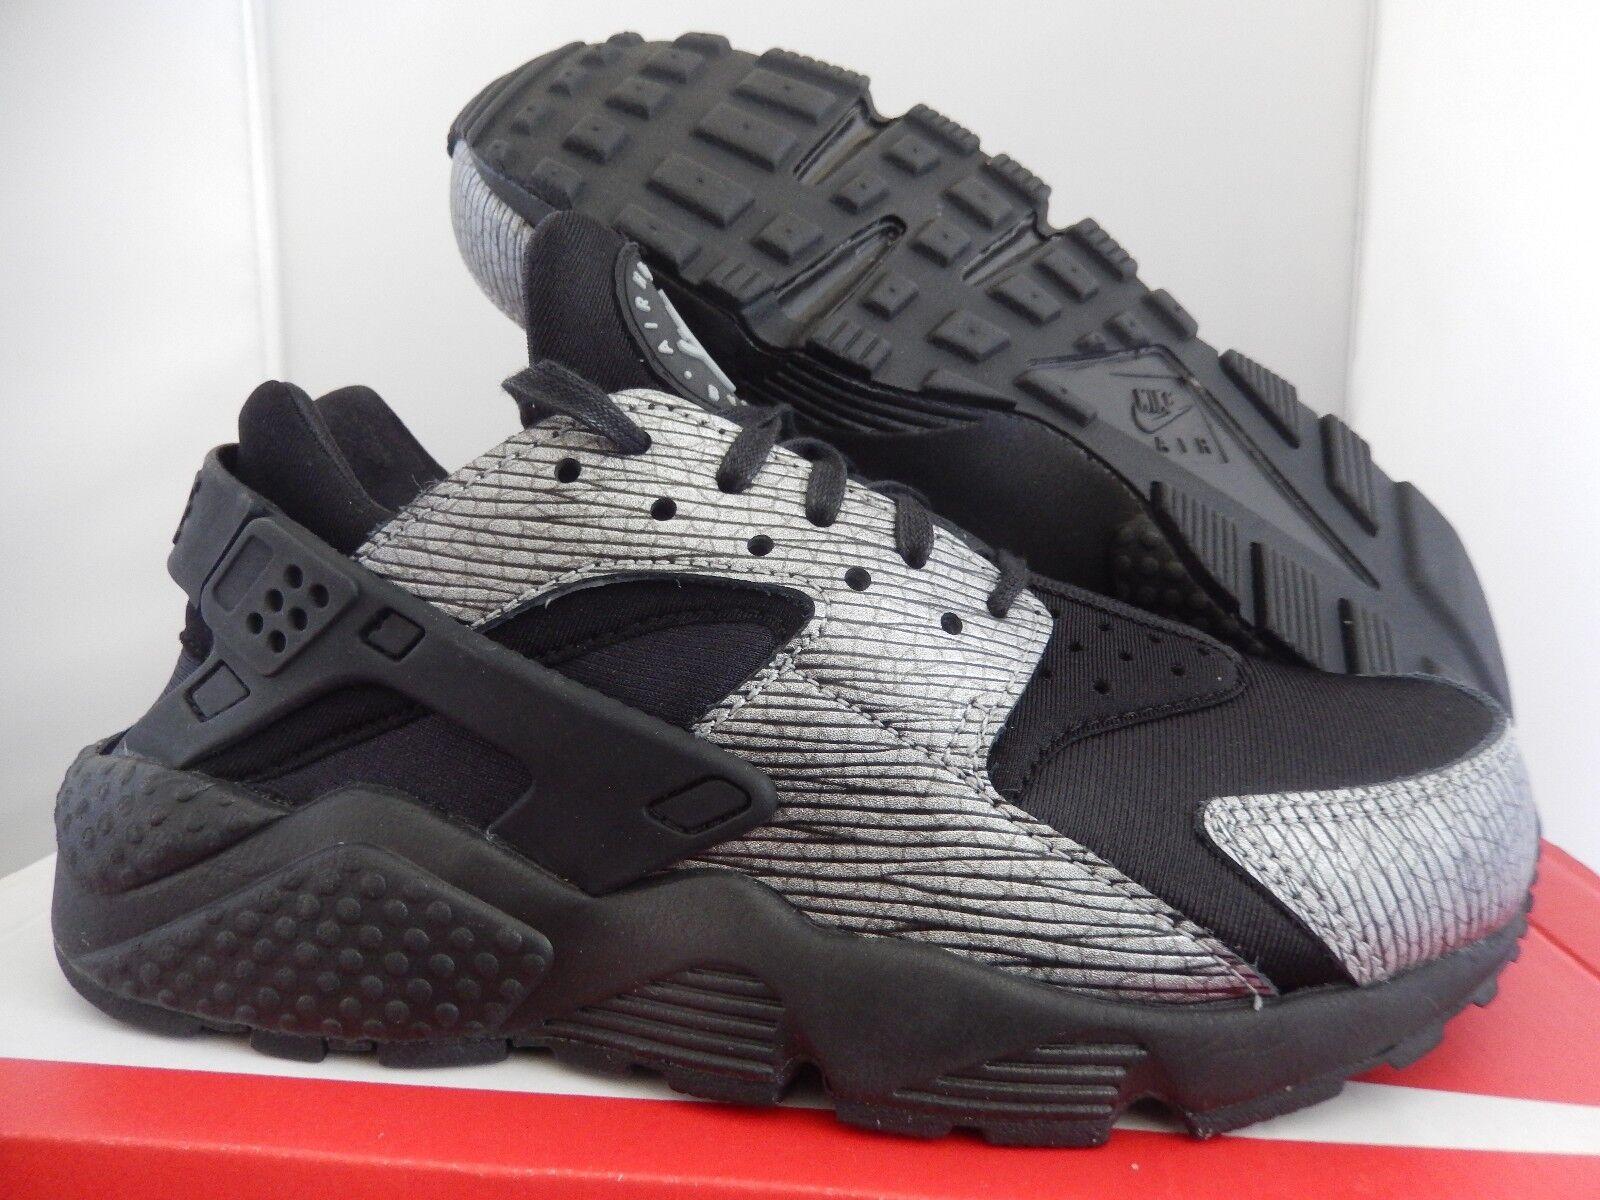 Nike Nike Nike Air Huarache Run PRM Premium Negro-Plata Metalizado Talla 5  Venta en línea de descuento de fábrica